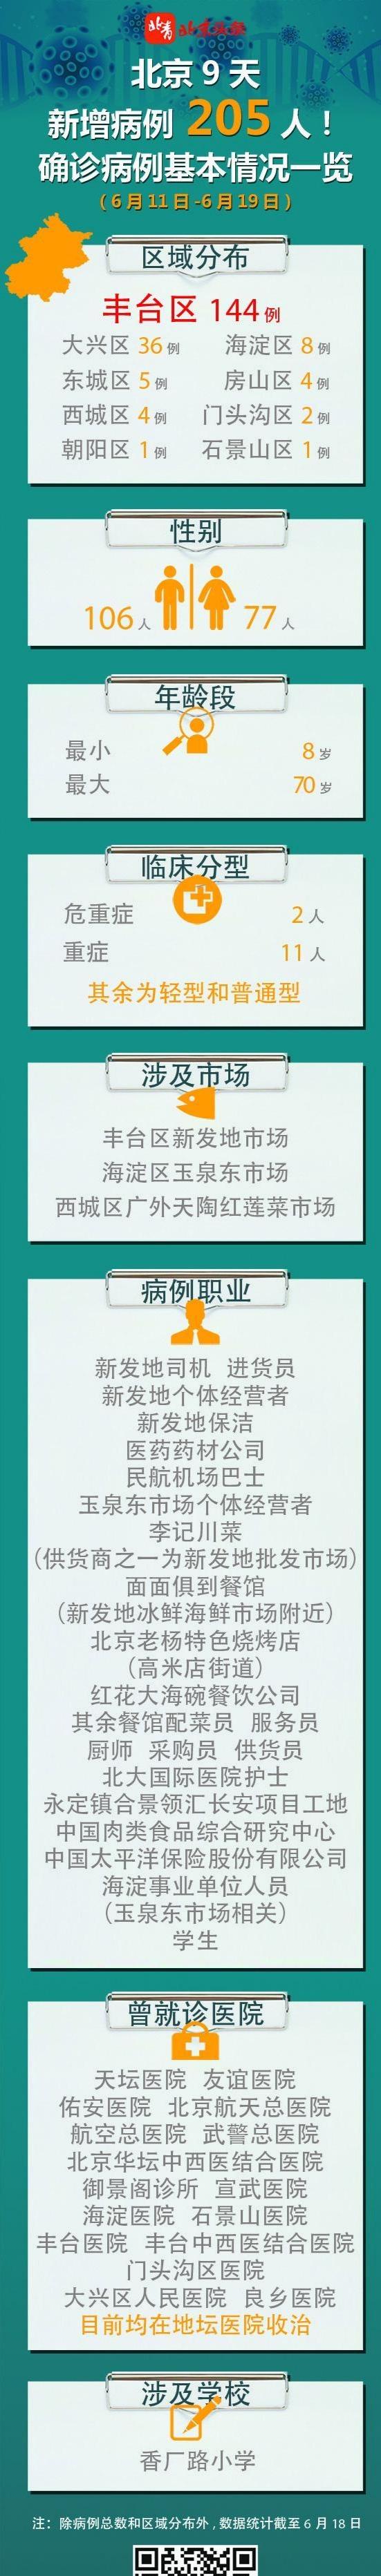 【提高百度关键词排名】_新增22例确诊病例!一图了解北京9天新增205名病例情况